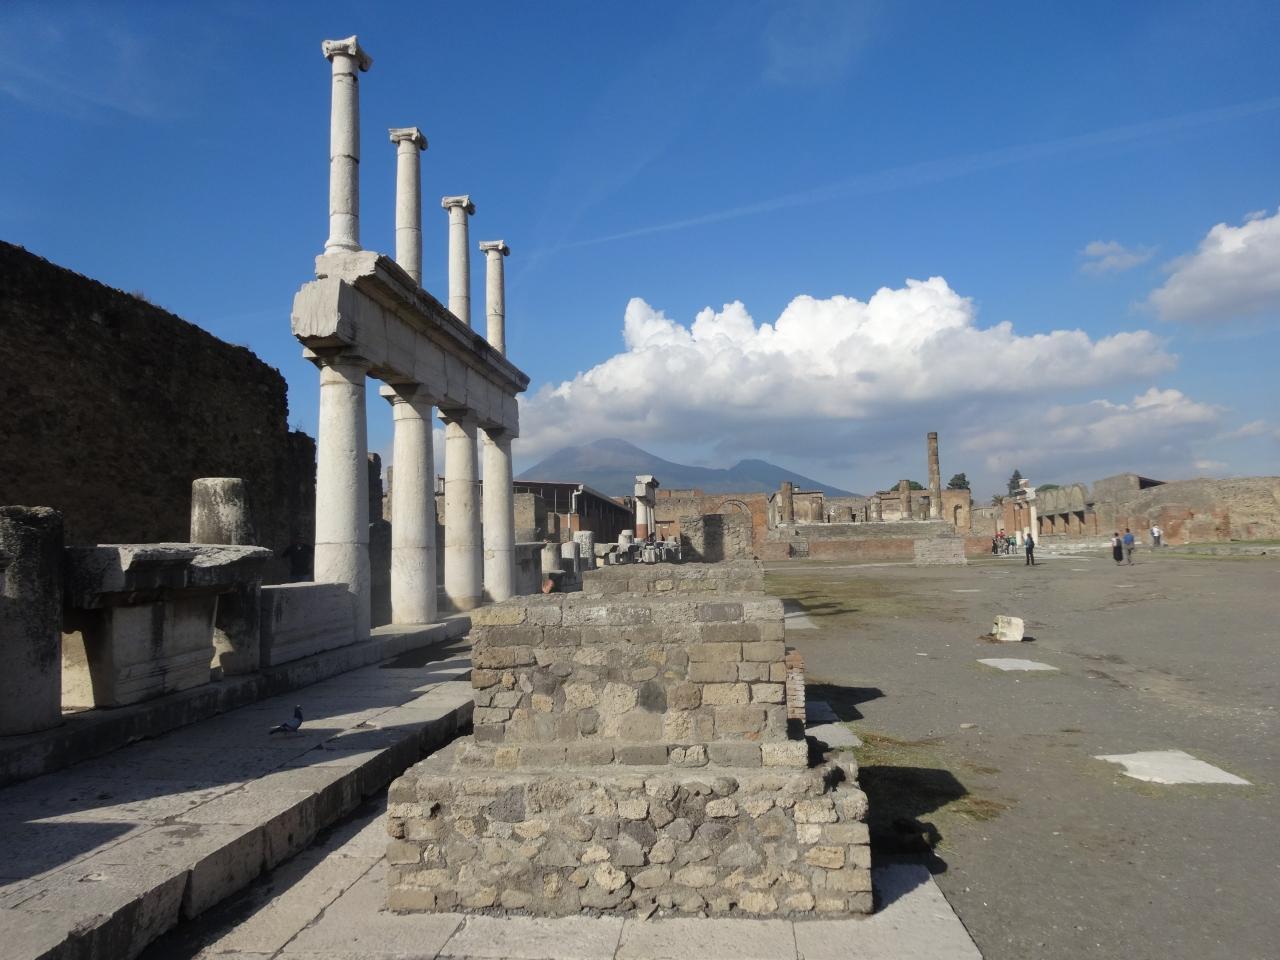 ポンペイ、ヘルクラネウム及びトッレ・アンヌンツィアータの遺跡地域の画像 p1_39